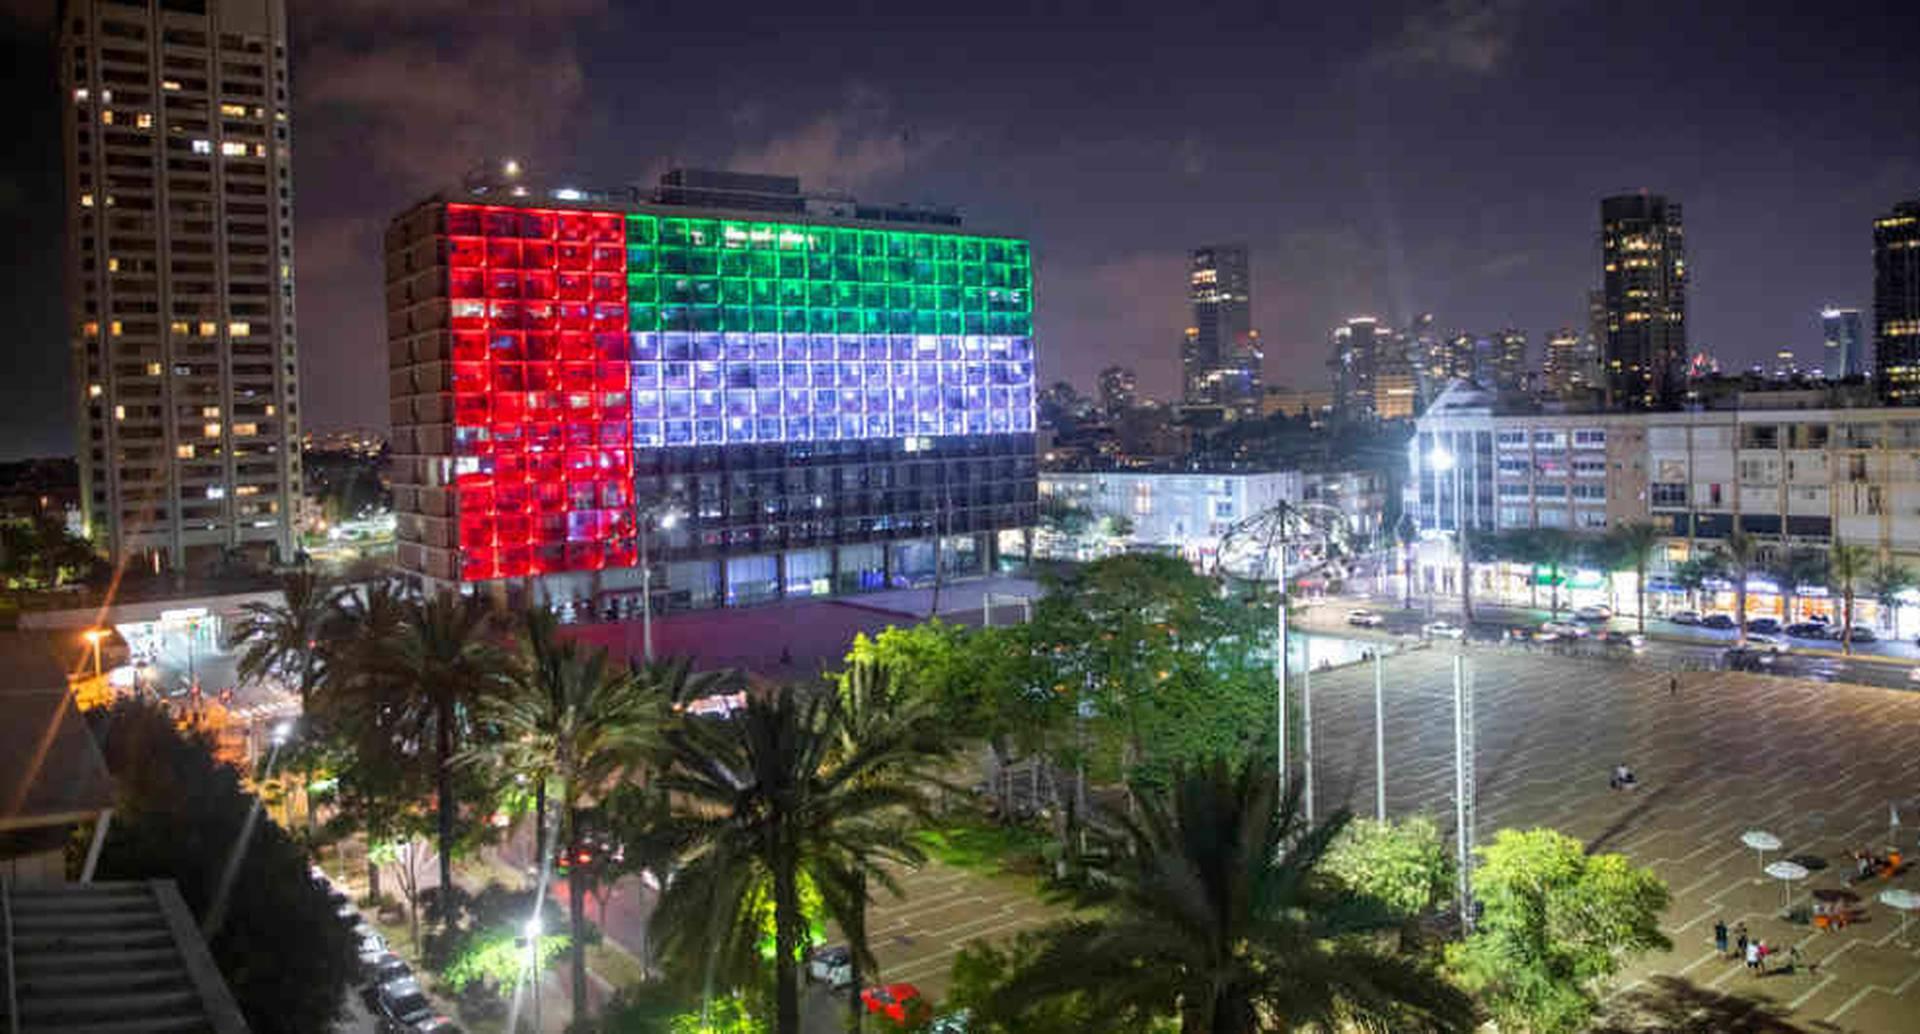 La alcaldía de Tel Aviv se iluminó con la bandera de Emiratos Árabes Unidos tras el anuncio de un acuerdo de paz entre Israel y ese país.